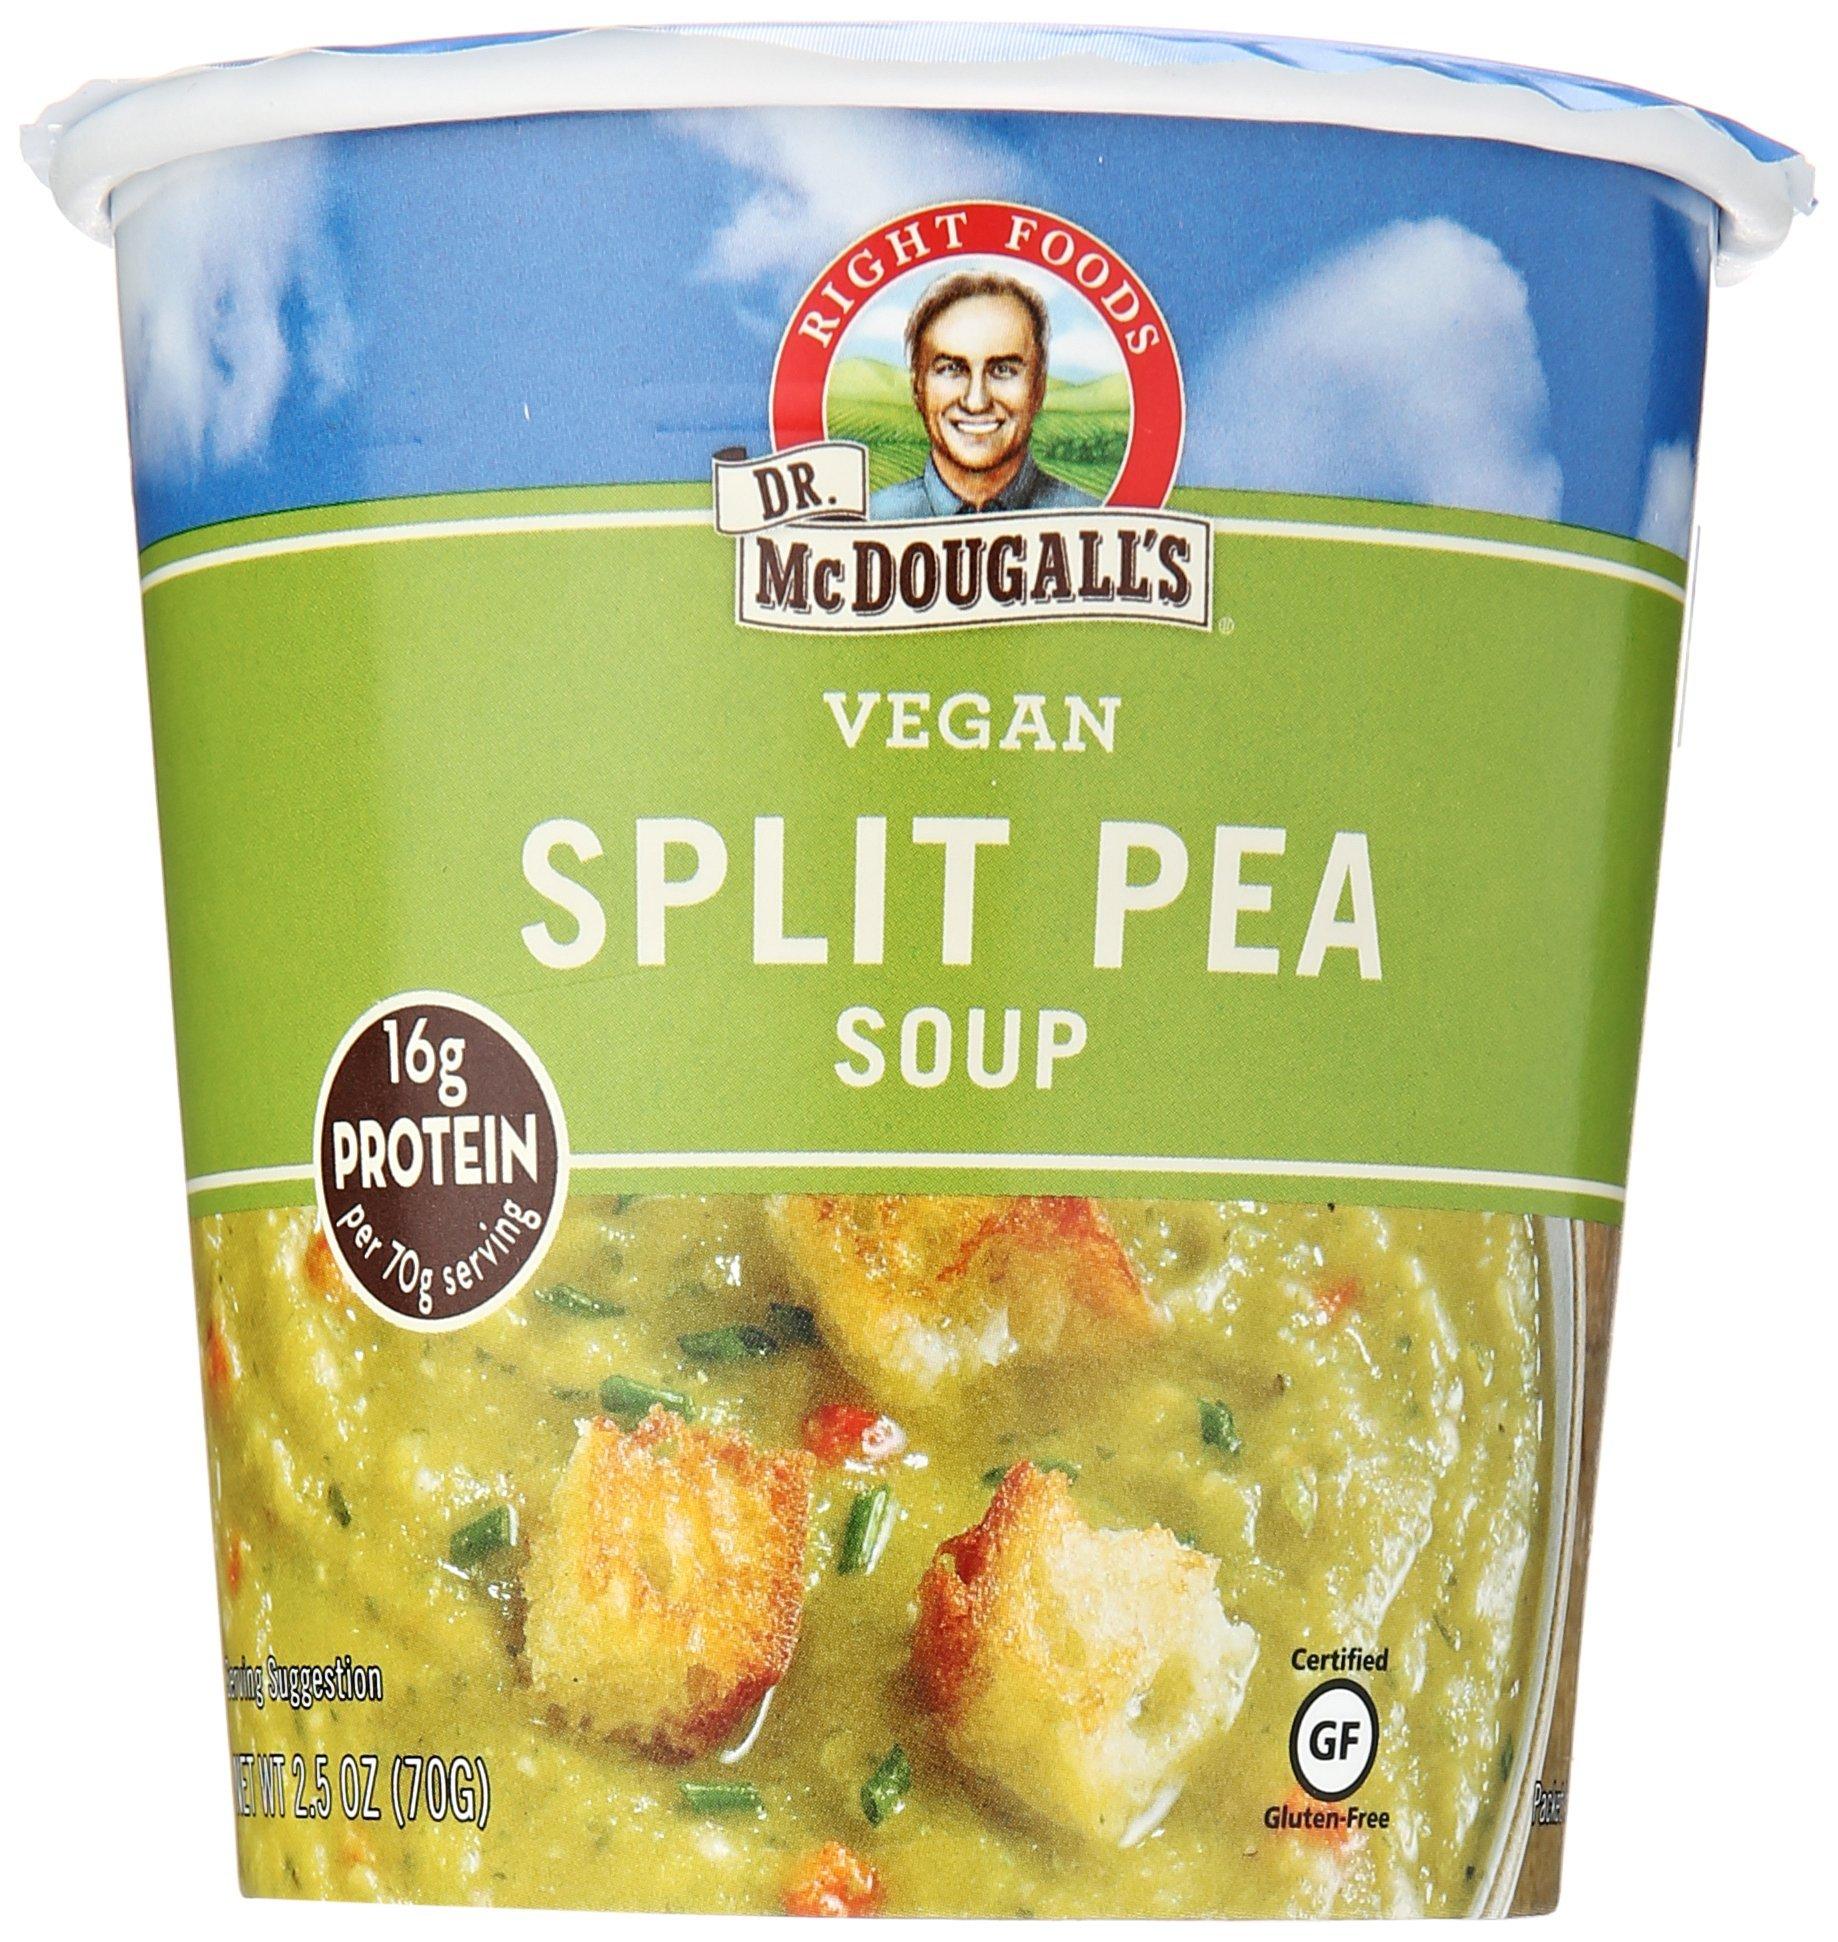 Dr. McDougall's Vegan Split Pea Soup Cup, 2.5 oz